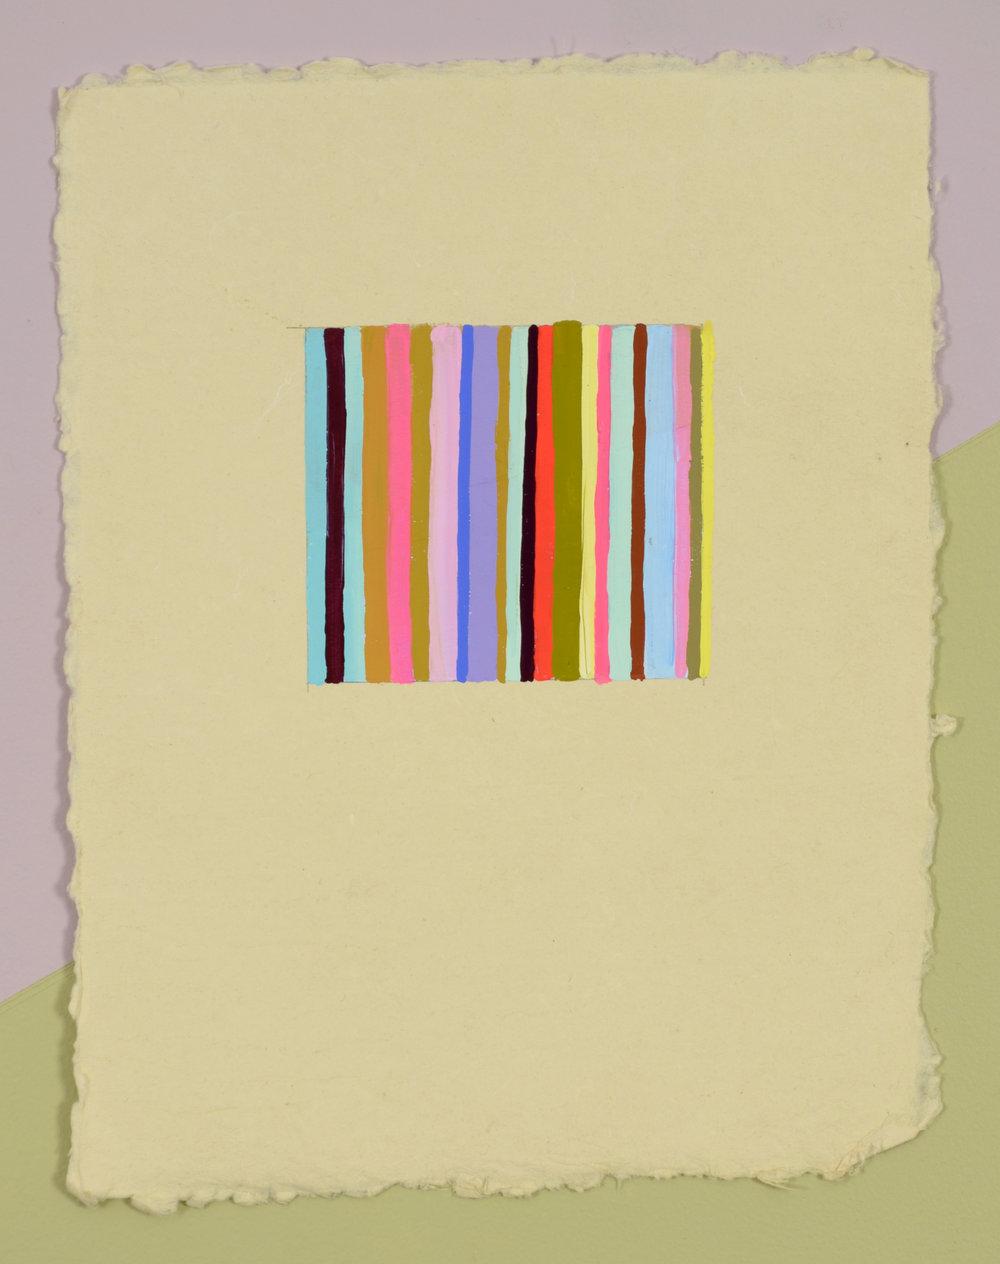 Tantra Stripe #5